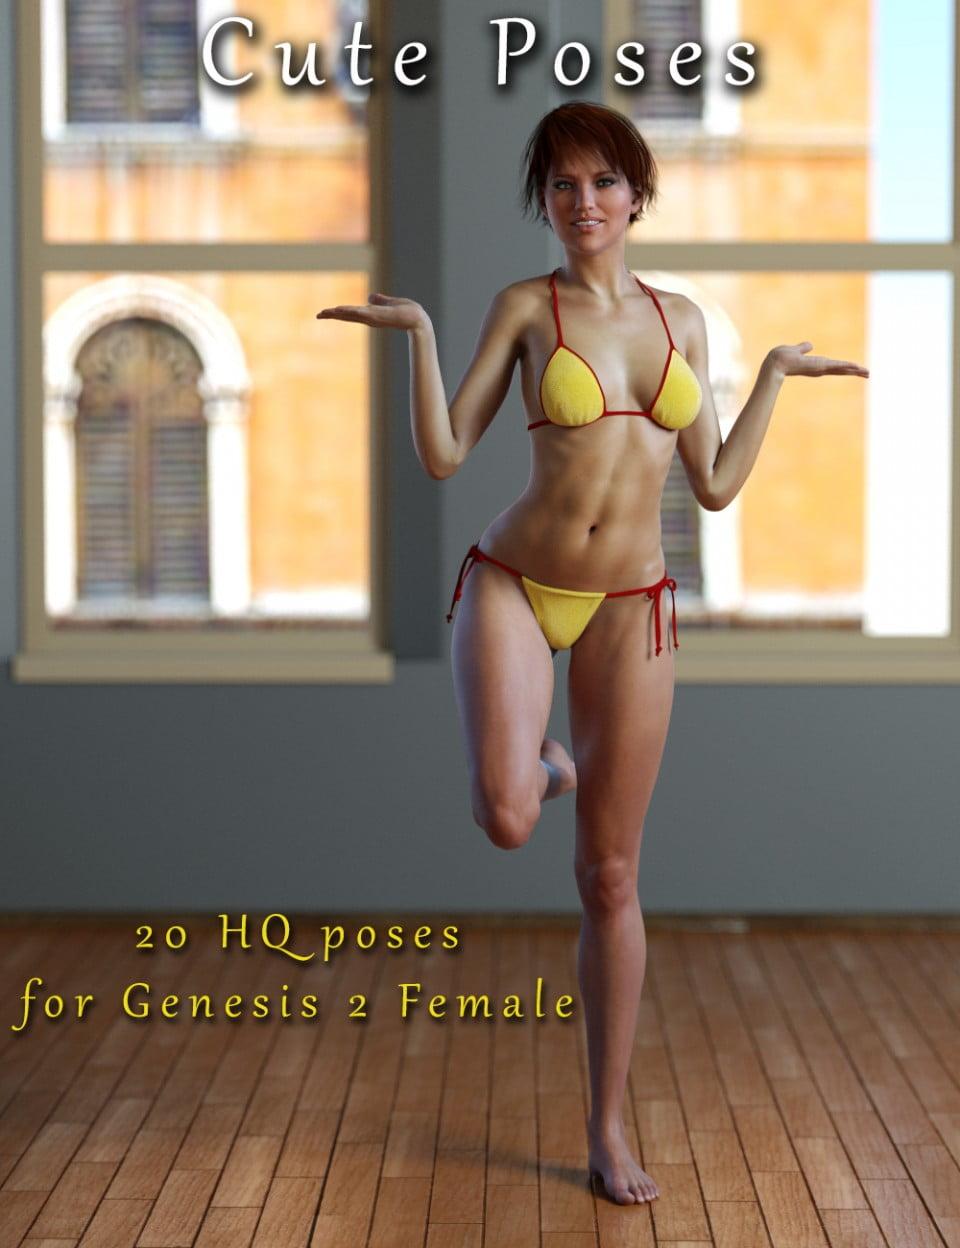 00-main-cute-poses-for-genesis-2-females-daz3d